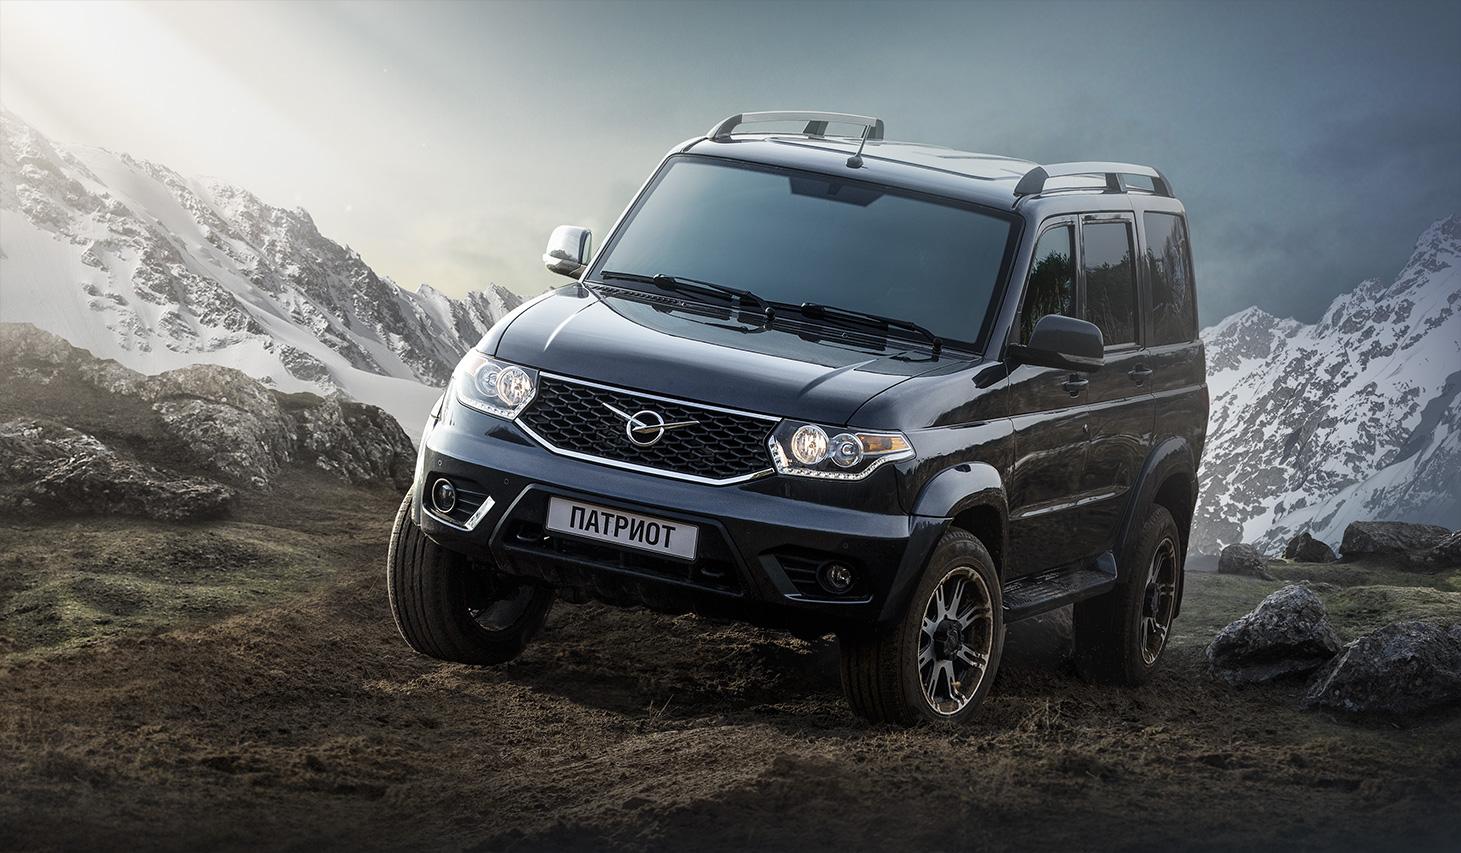 Новый УАЗ Патриот будет с нержавеющим кузовом и новым мотором